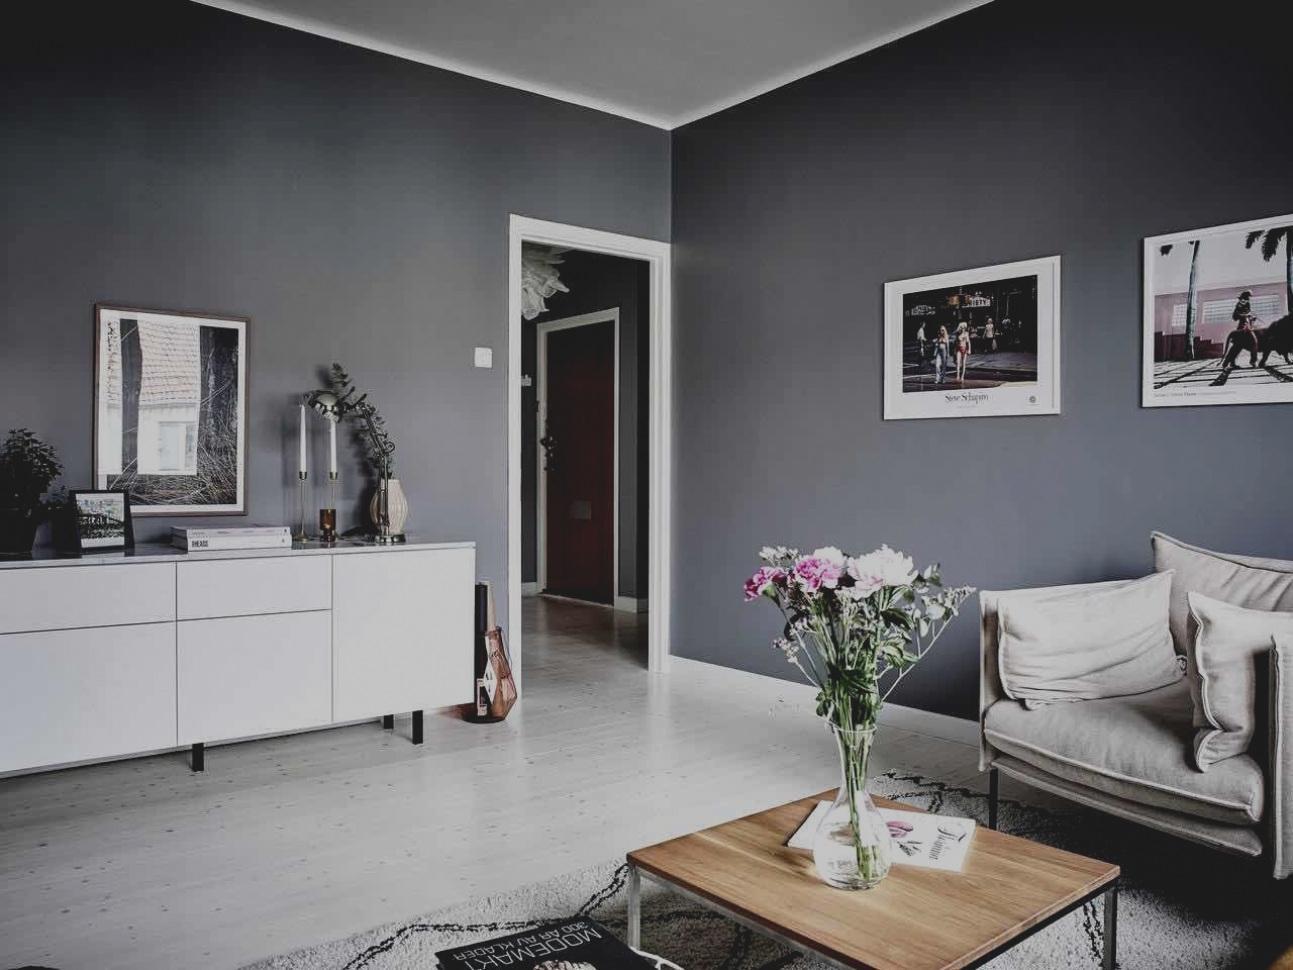 Wohnzimmer Wandgestaltung Grau